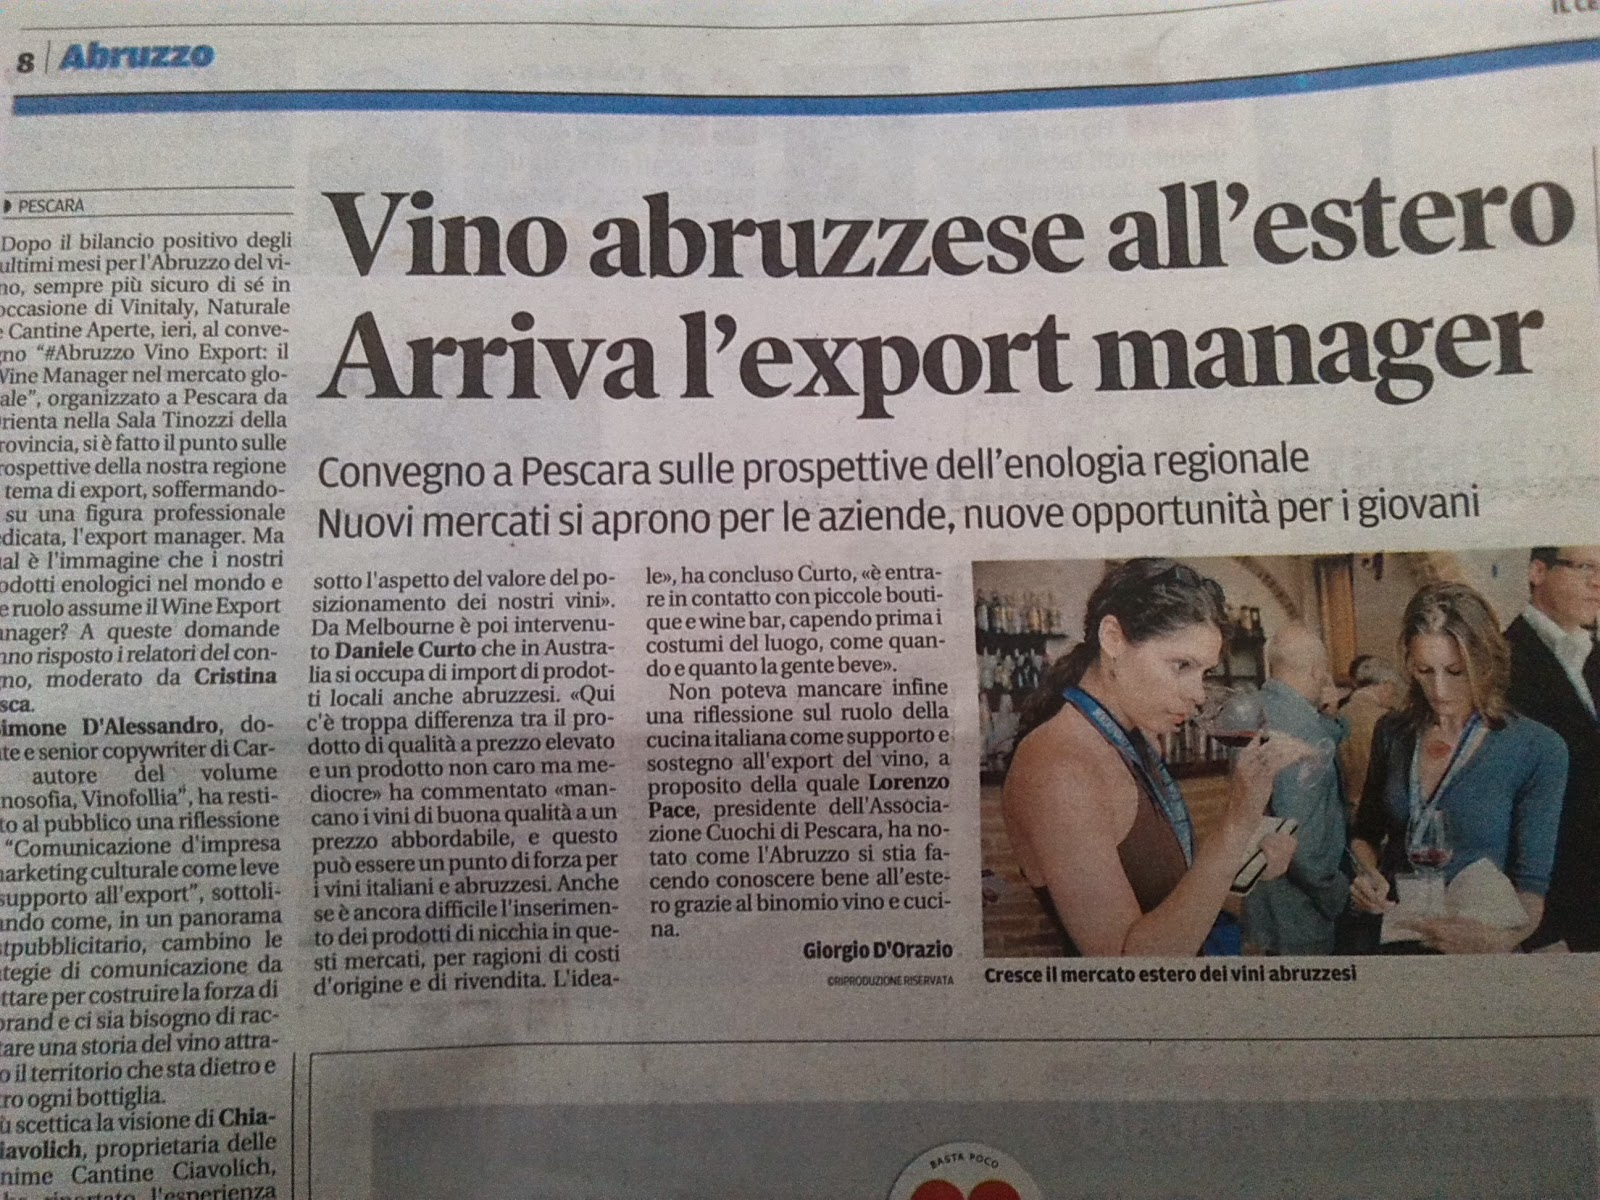 wine export manager diventa il mestiere del futuro